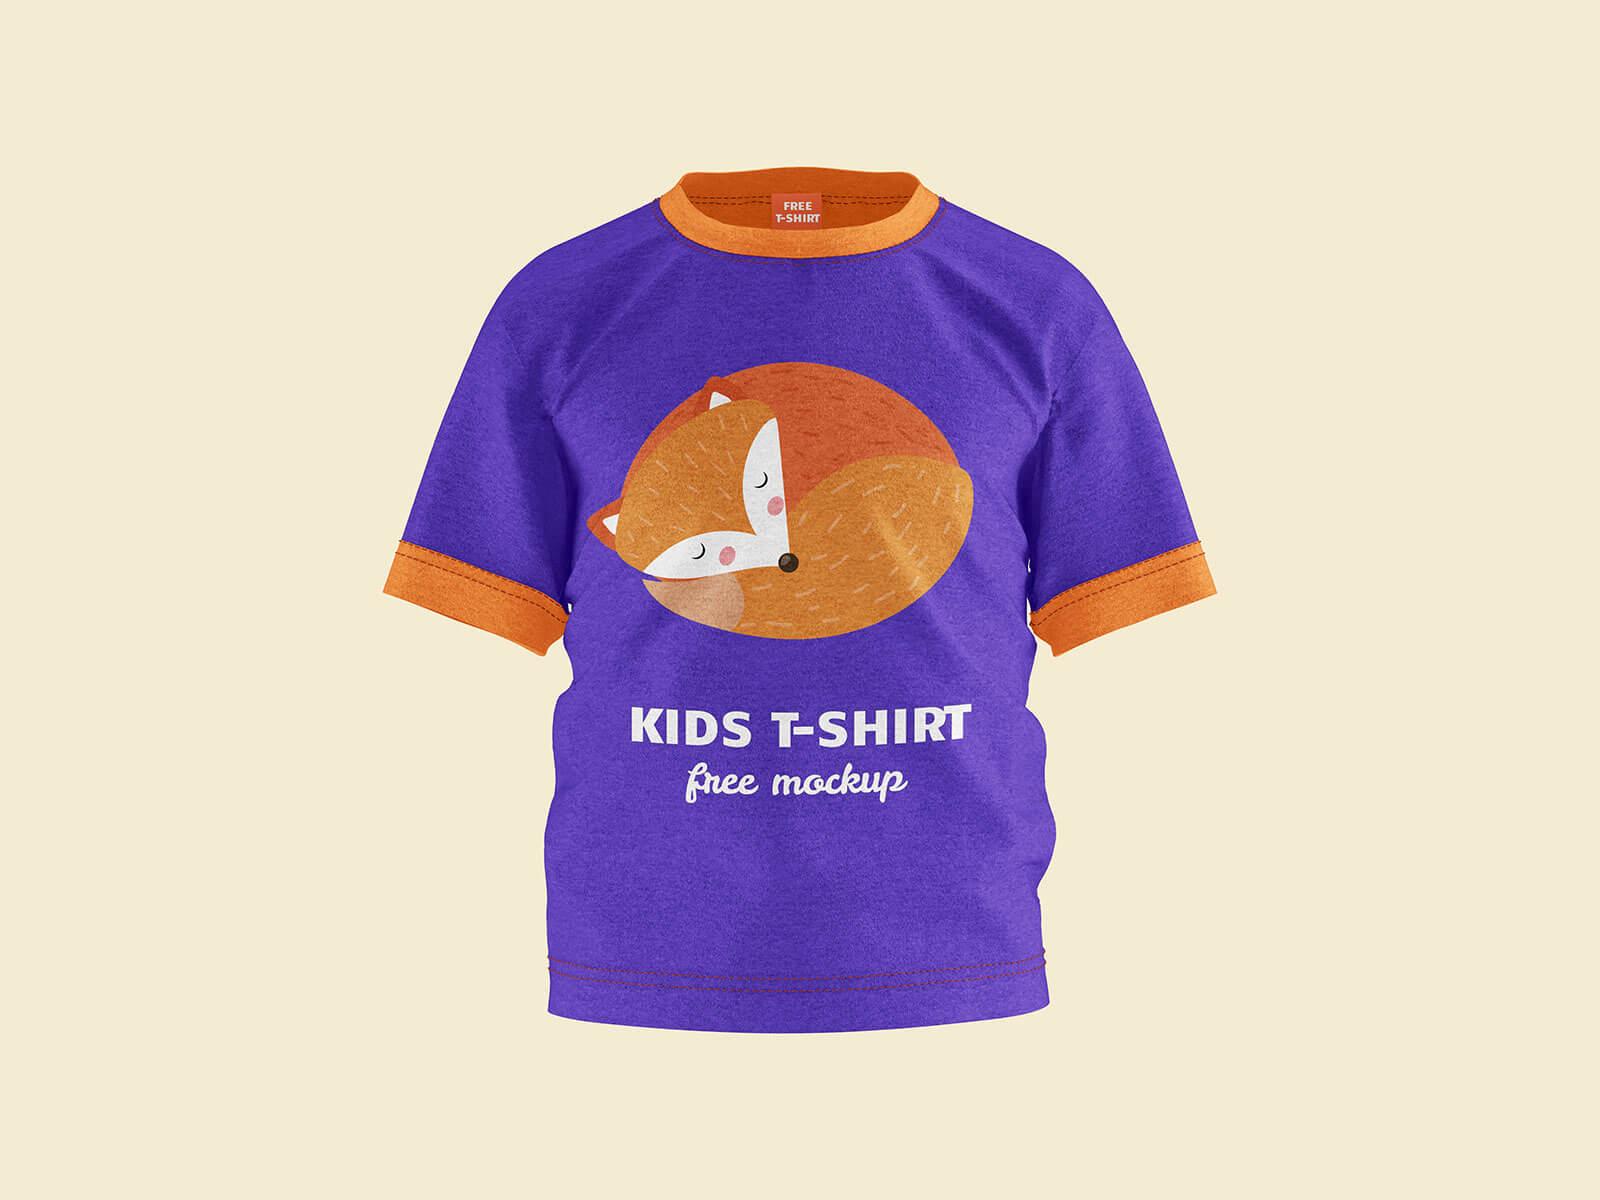 Free Short Sleeves Young Kid T-Shirt Mockup PSD Set (1)